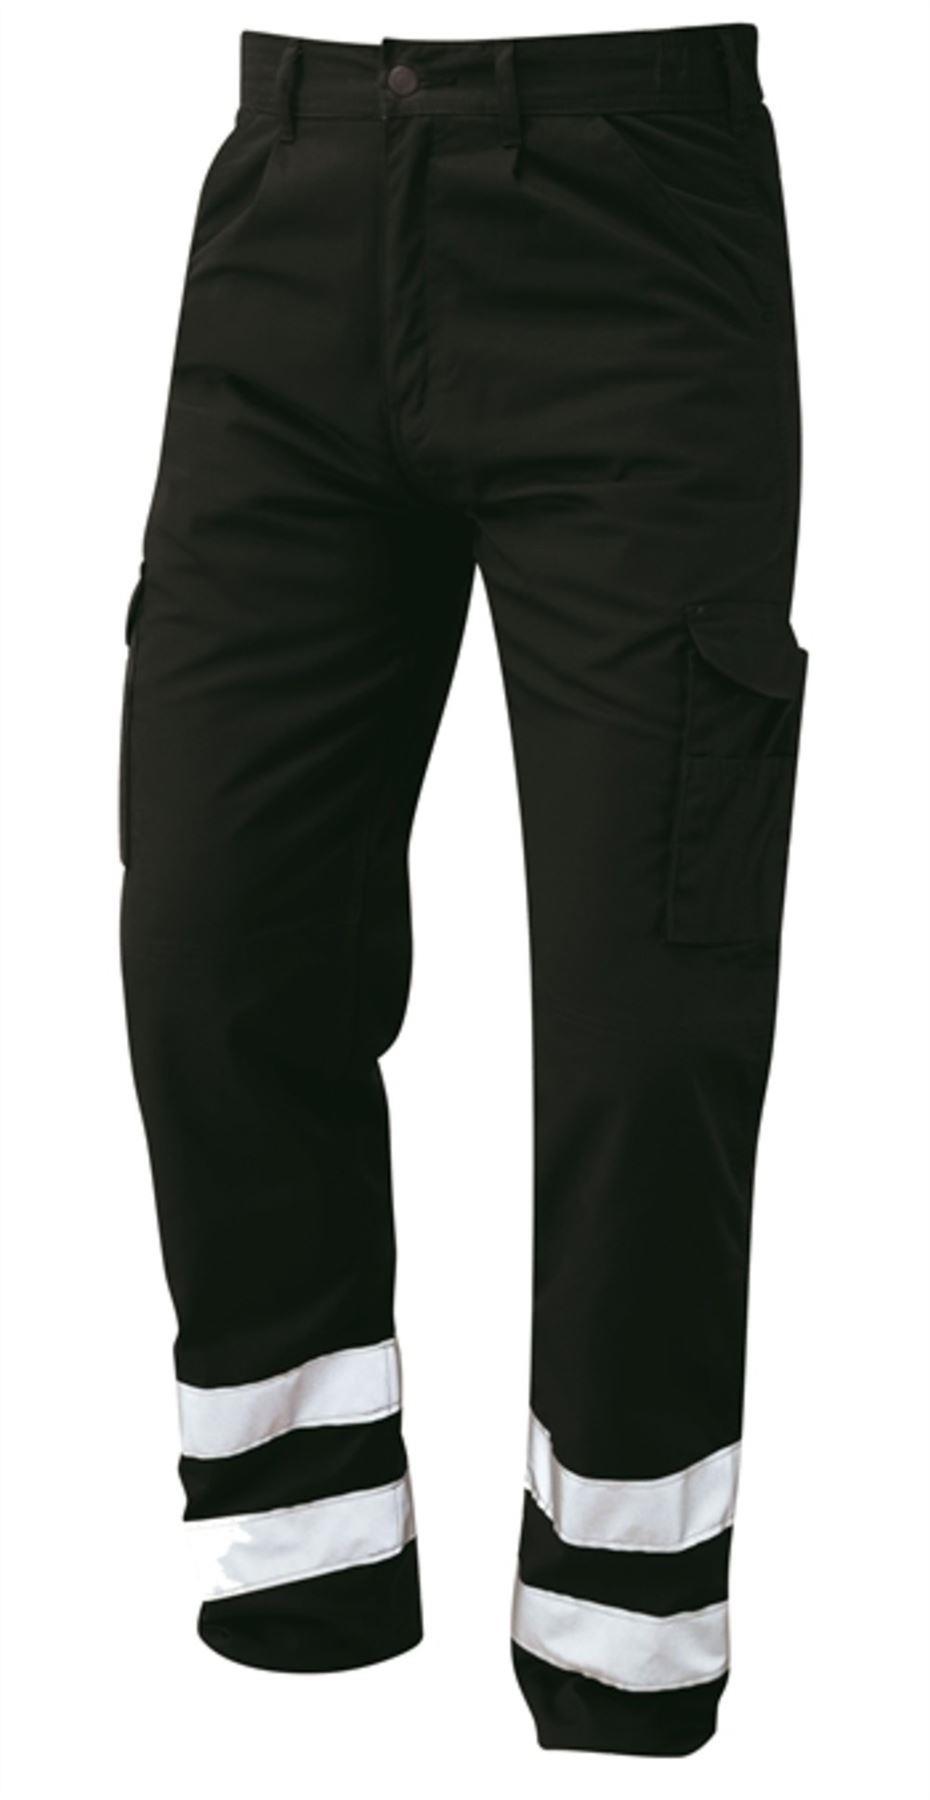 Orn Condor Hi Vis Kneepad Trousers - Black|54W32L